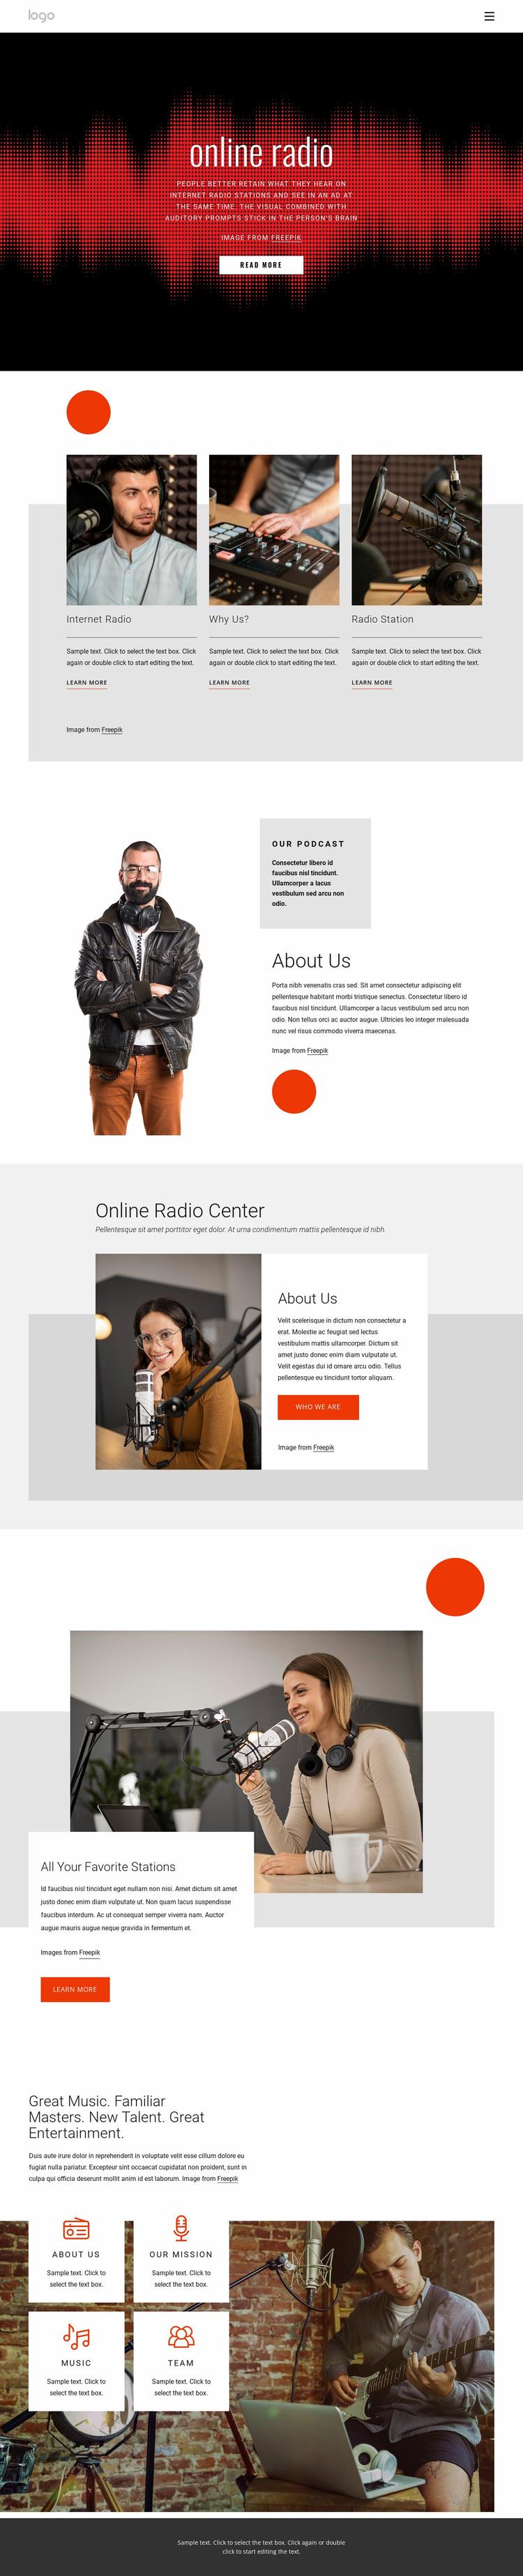 Online radio shows Website Design